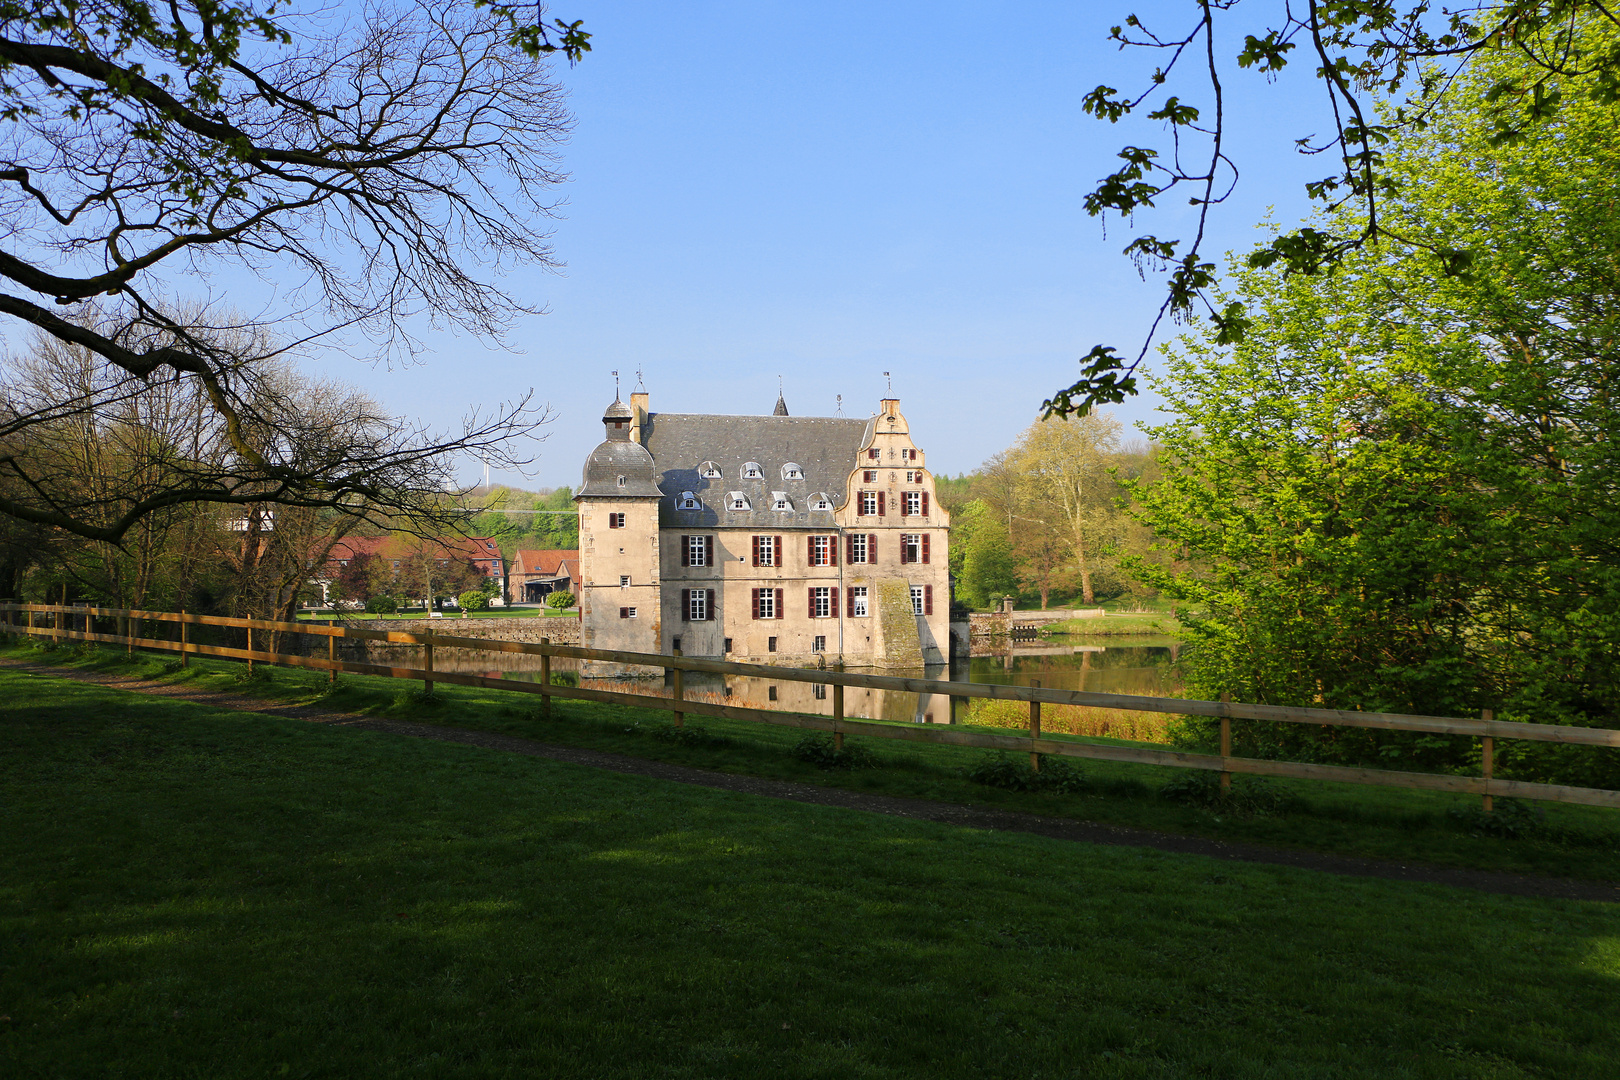 Wasserschloss Haus Bodelschwingh